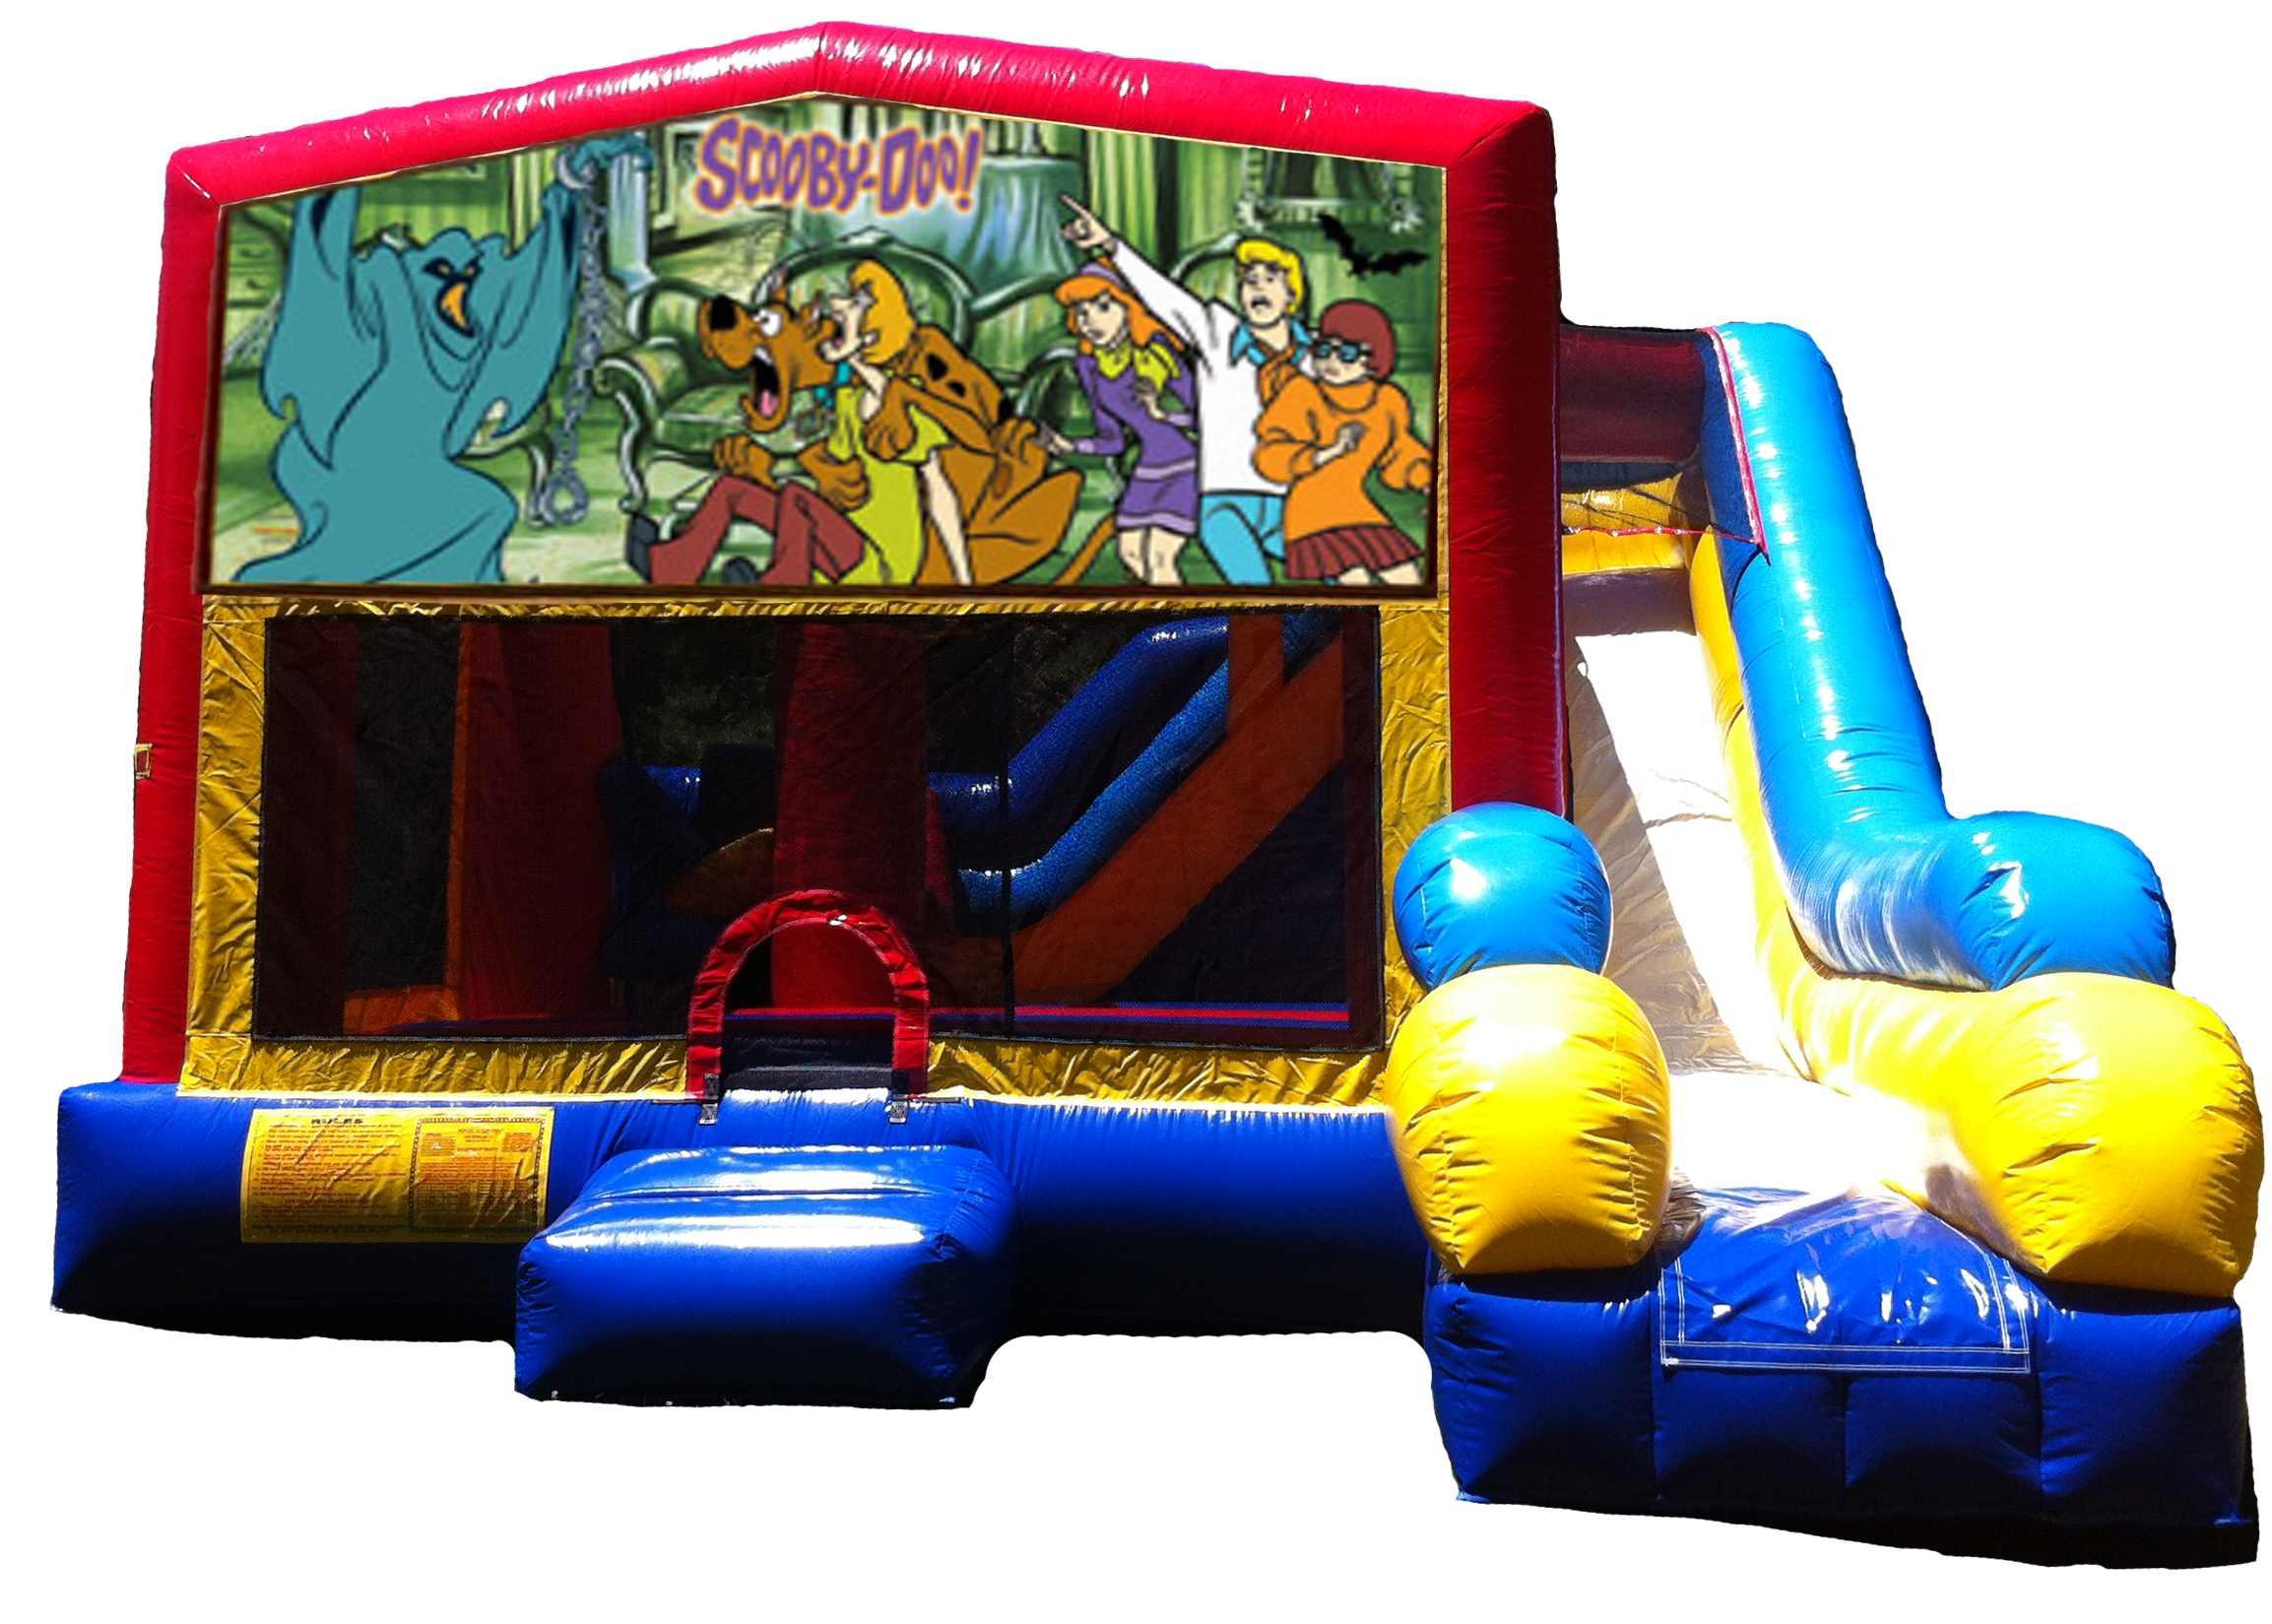 Scooby-Doo 5-in-1 C7 Combo Bouncer